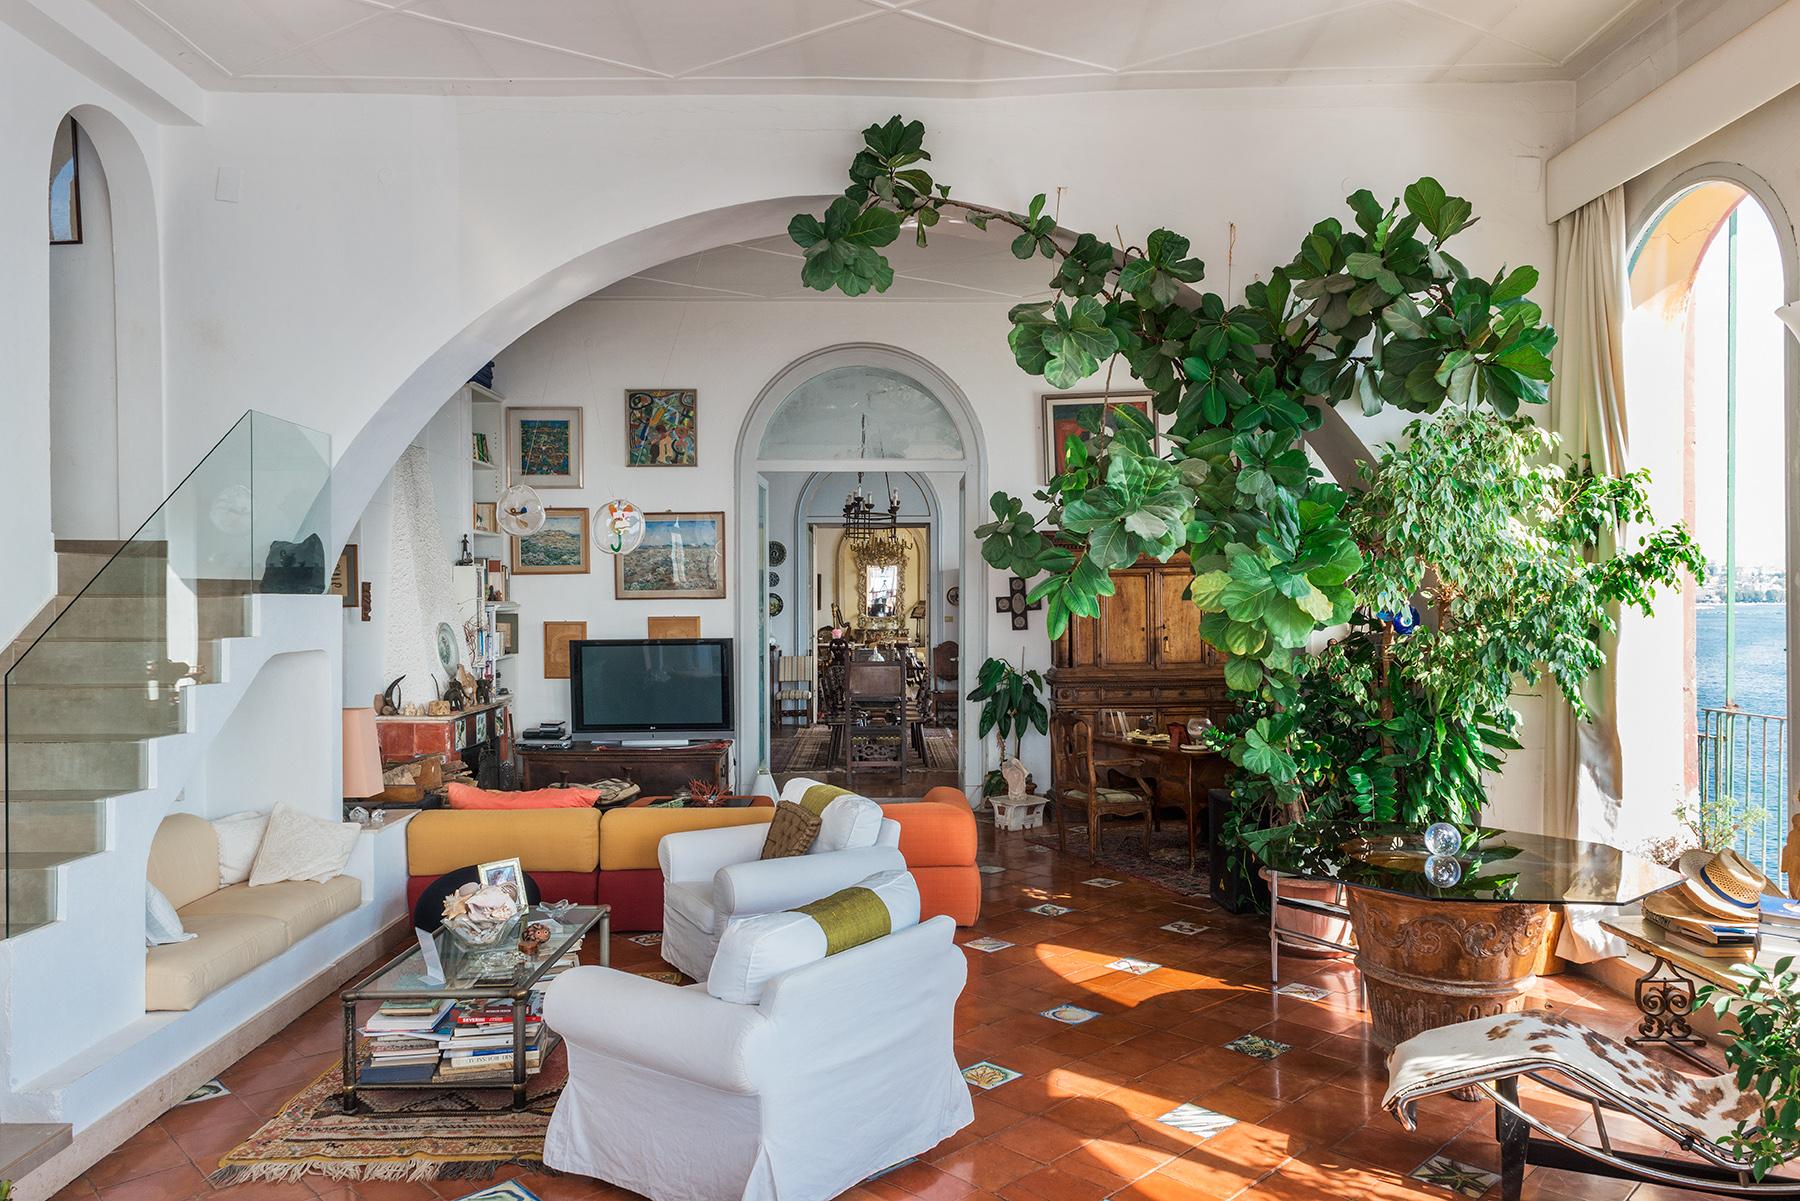 Appartamento in vendita a Napoli Via Posillipo - TrovoCasa.it - W6247113 25ac709429d